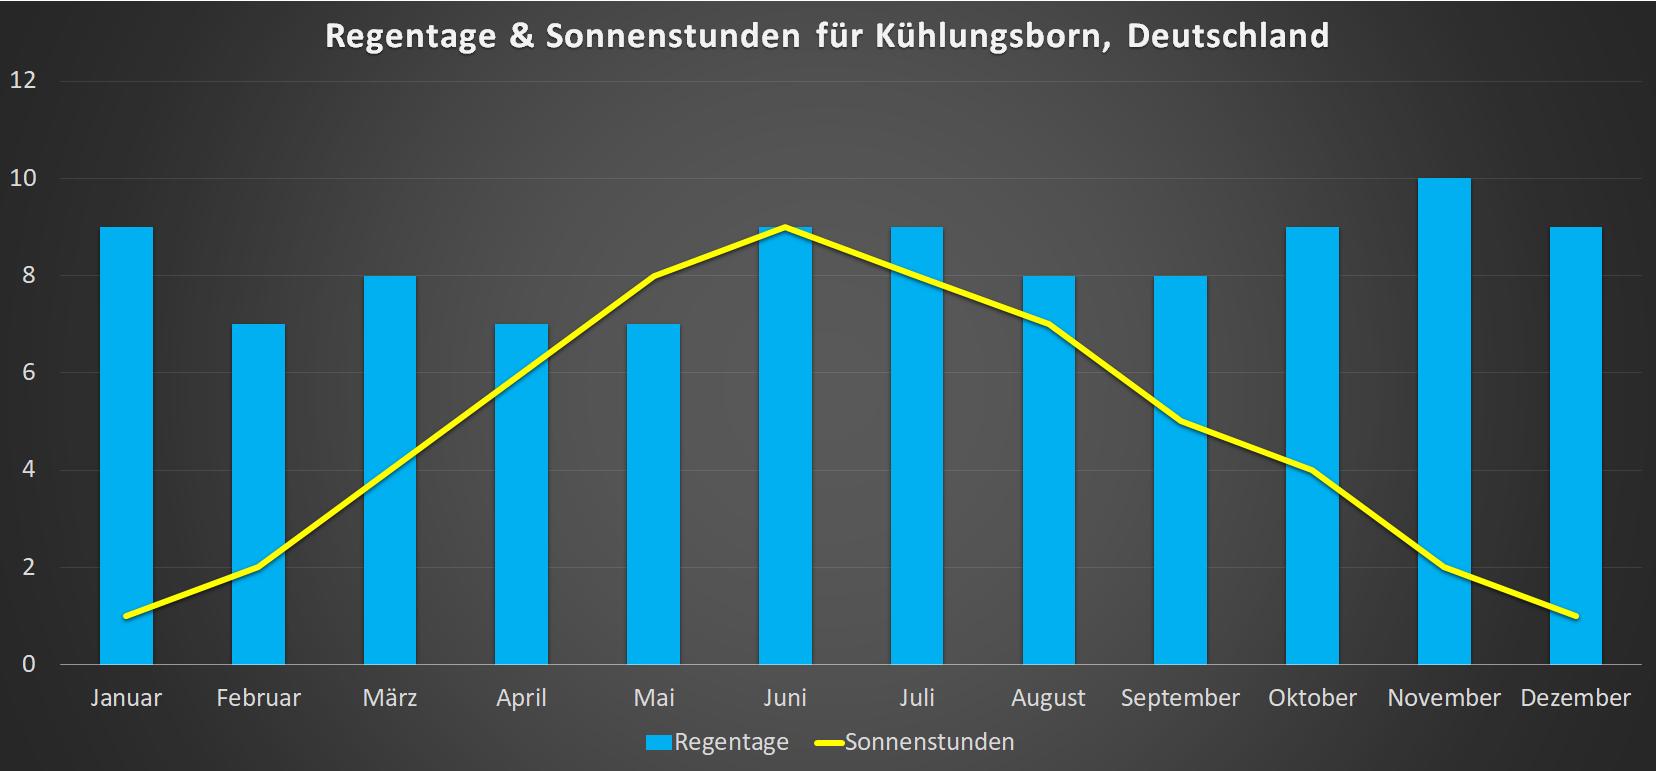 Sonnenstunden & Regentage für Kuehlungsborn im Jahresverlauf